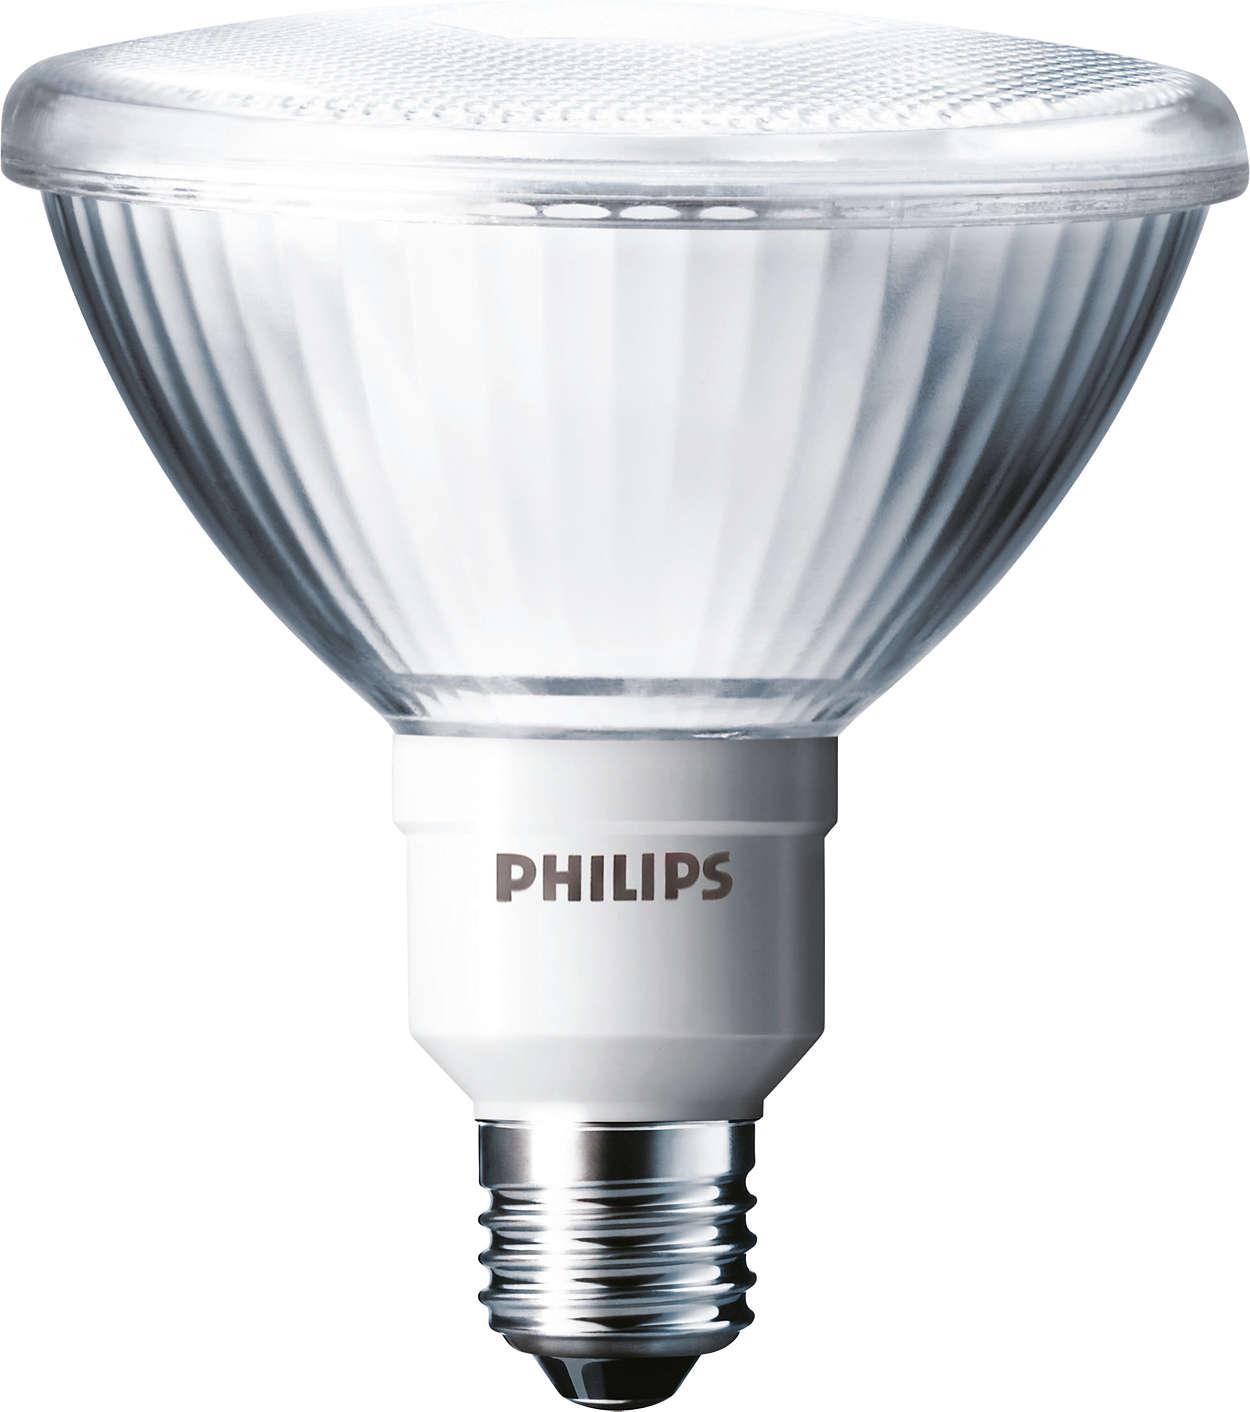 Die energiesparende Alternative für PAR38-Reflektorglühlampen